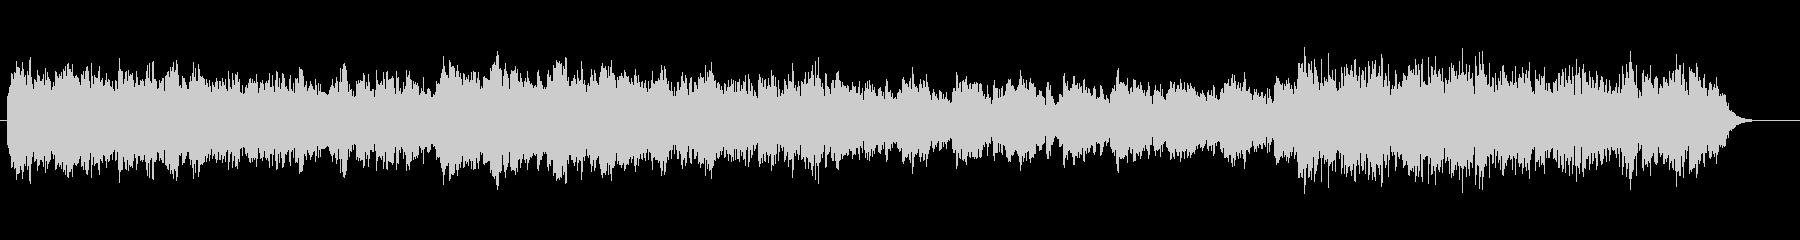 ストリングスによるヒーリングミュージックの未再生の波形